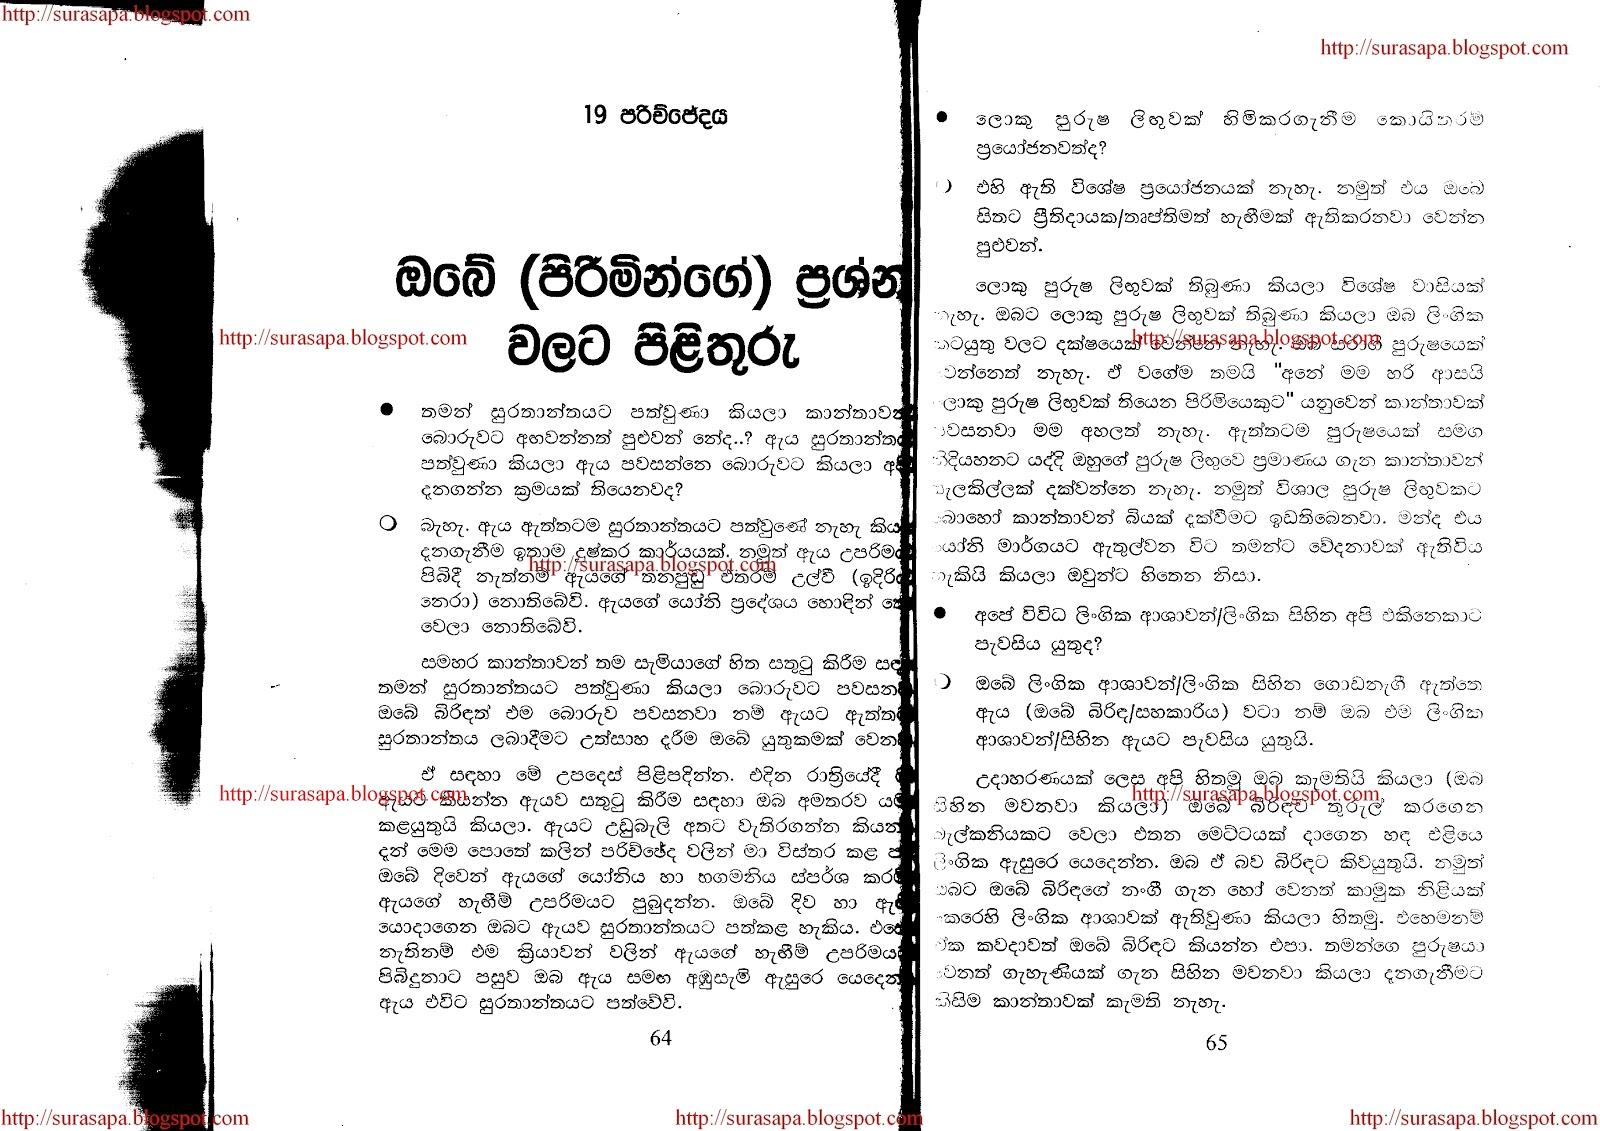 Niruwath Kello Hukana Sinhala Wal Kello Image Holidays Oo